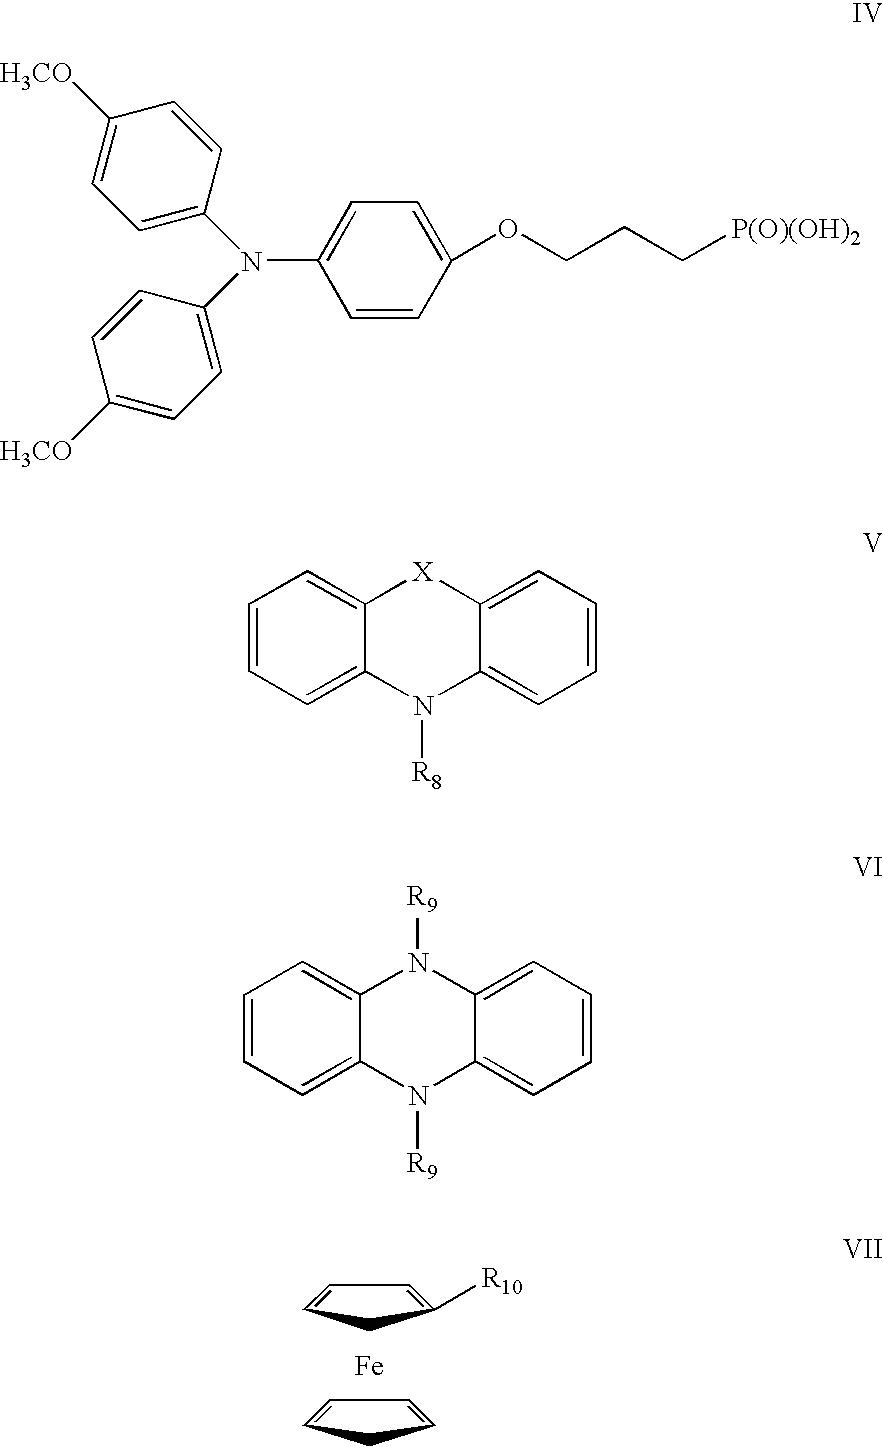 Figure US20050128562A1-20050616-C00001